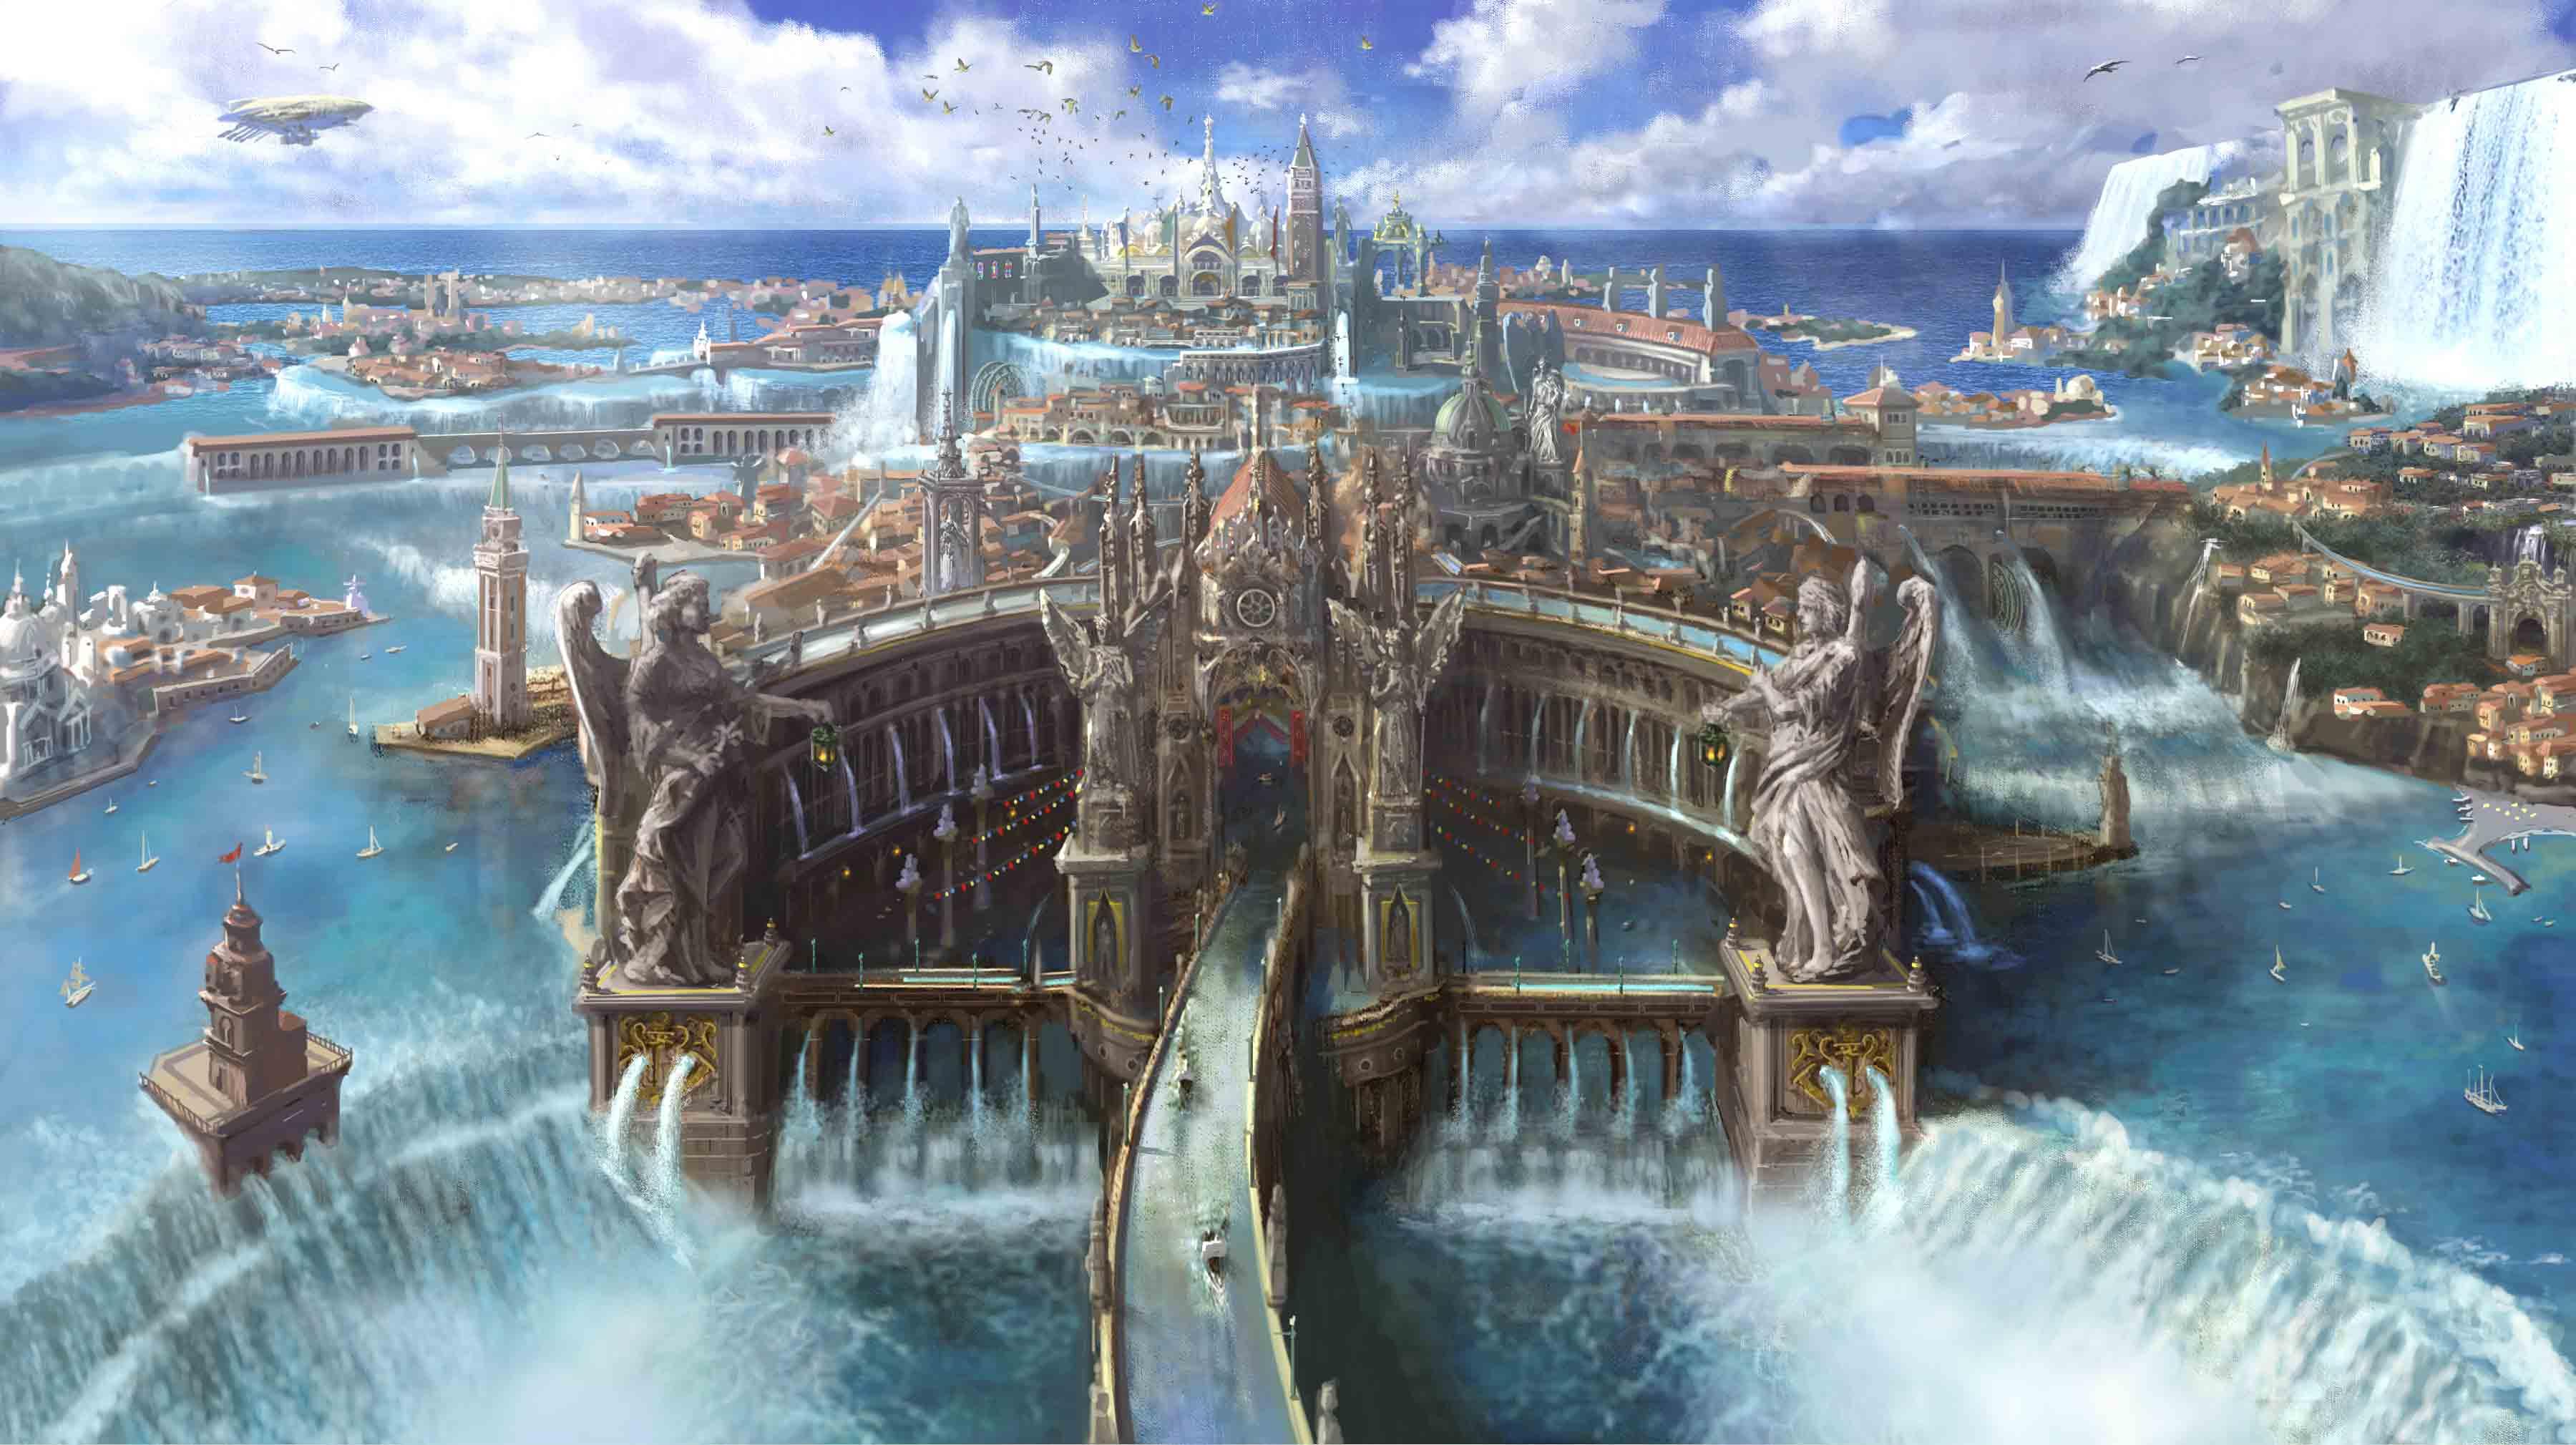 Final Fantasy Xv Wallpaper 4k: Final Fantasy XV HD Wallpaper